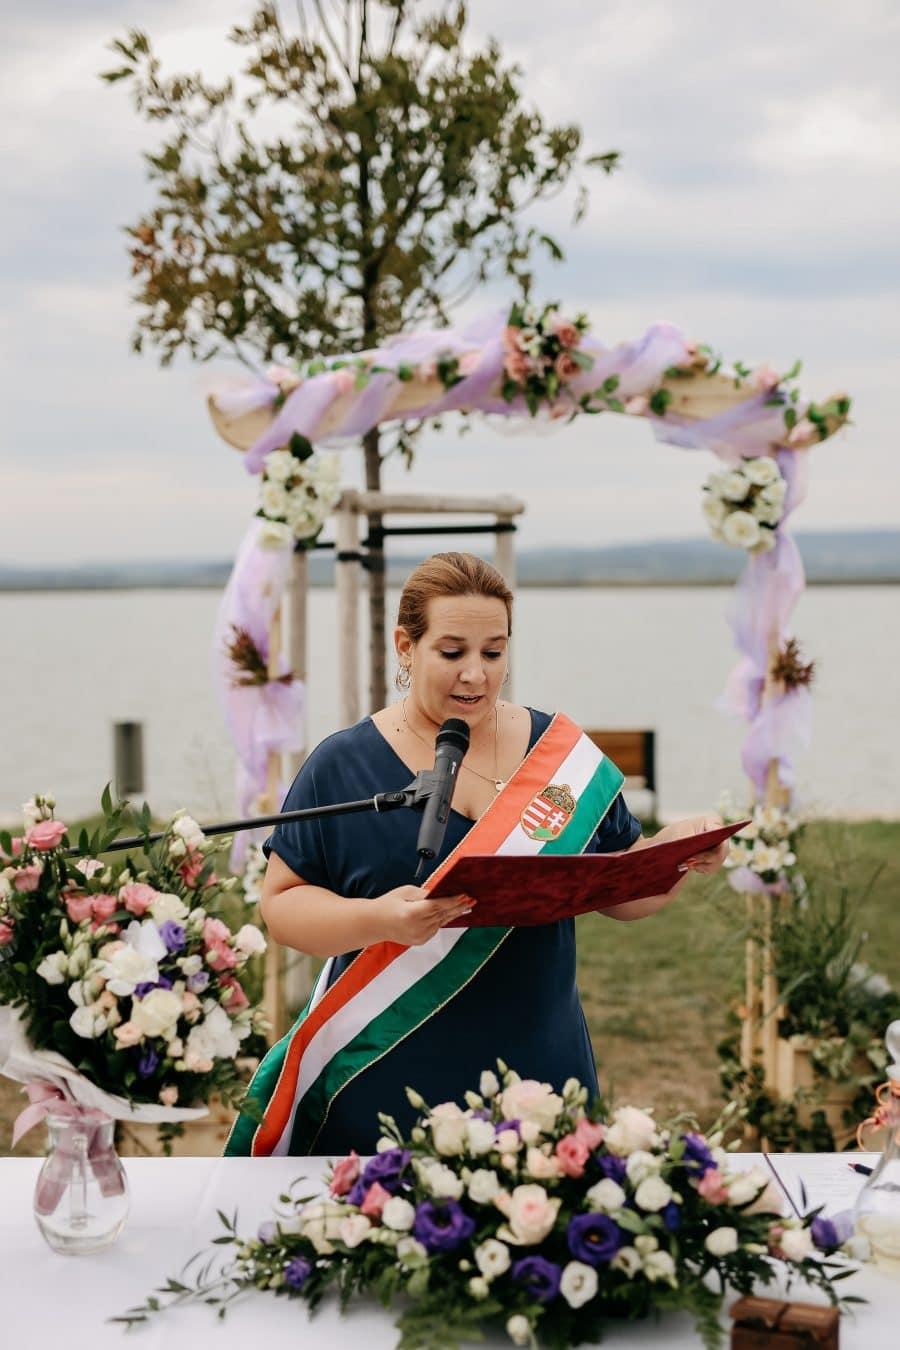 Esküvőszervezés   to do lista   ellenőrzött esküvő szolgáltatók   kedvezmények   Igenhazasodunk Moncsi és Peti esküvője Moncsi Peti